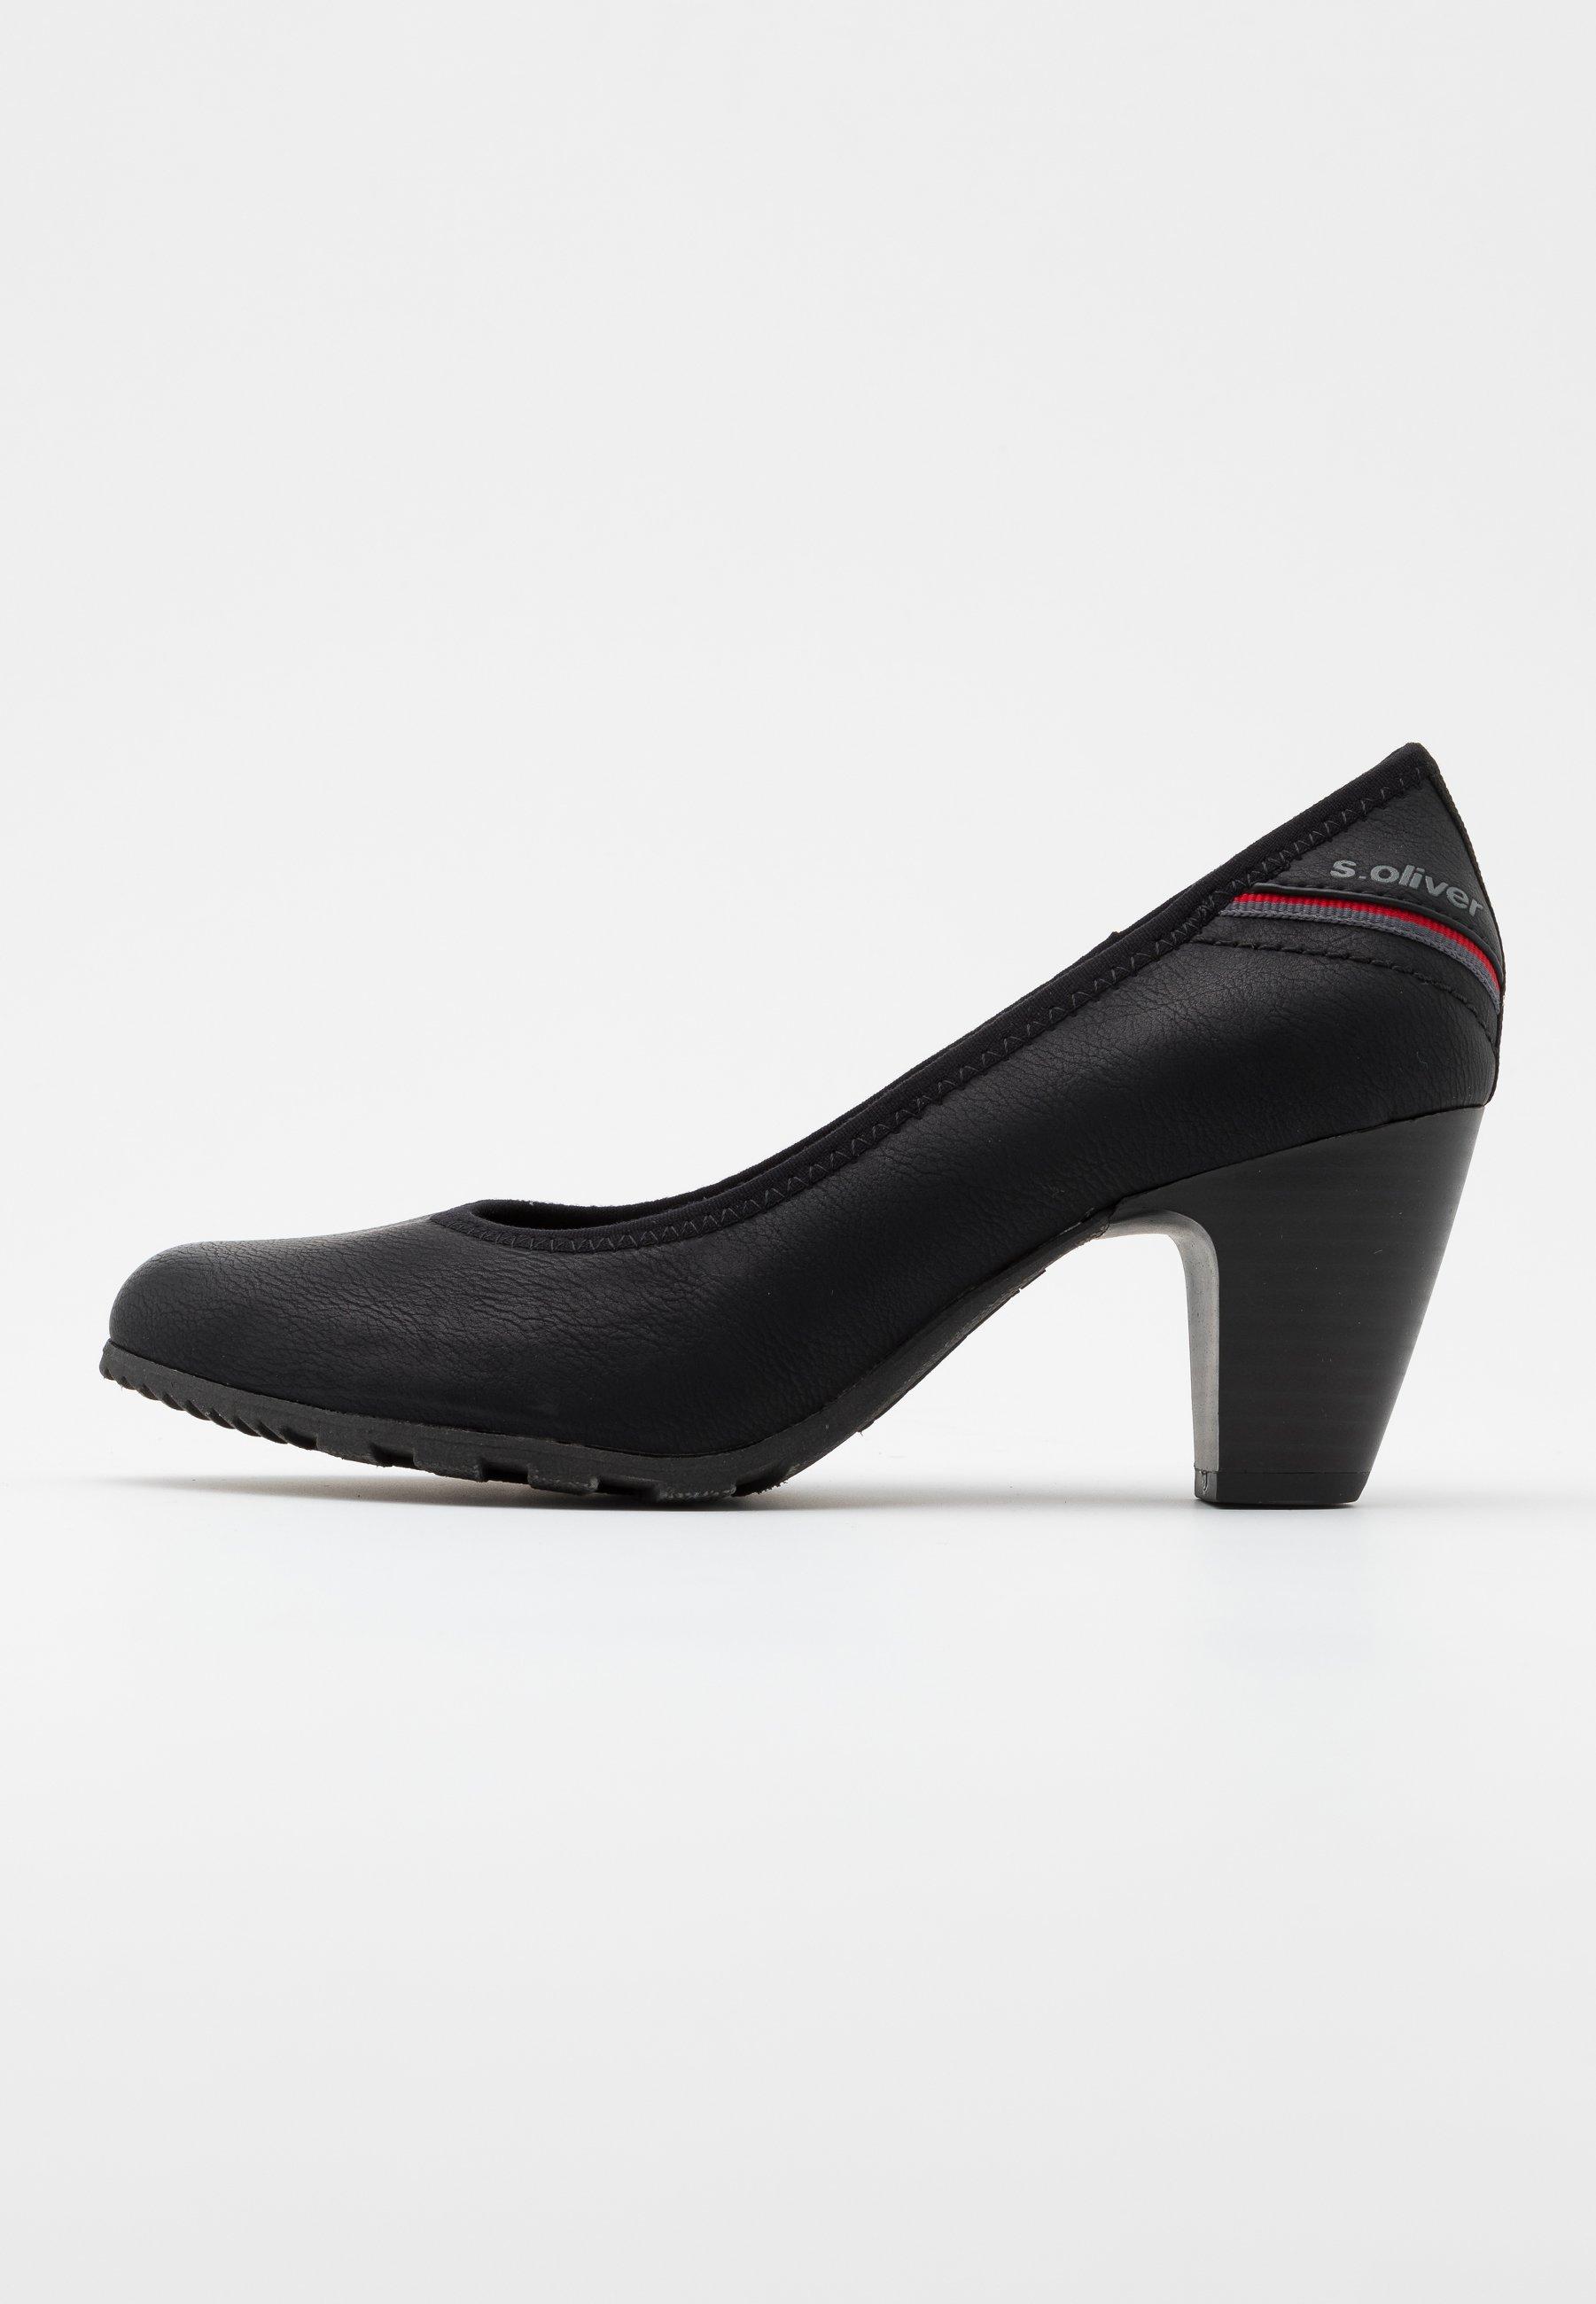 S.oliver Court Shoe - Decolleté Black Zp378